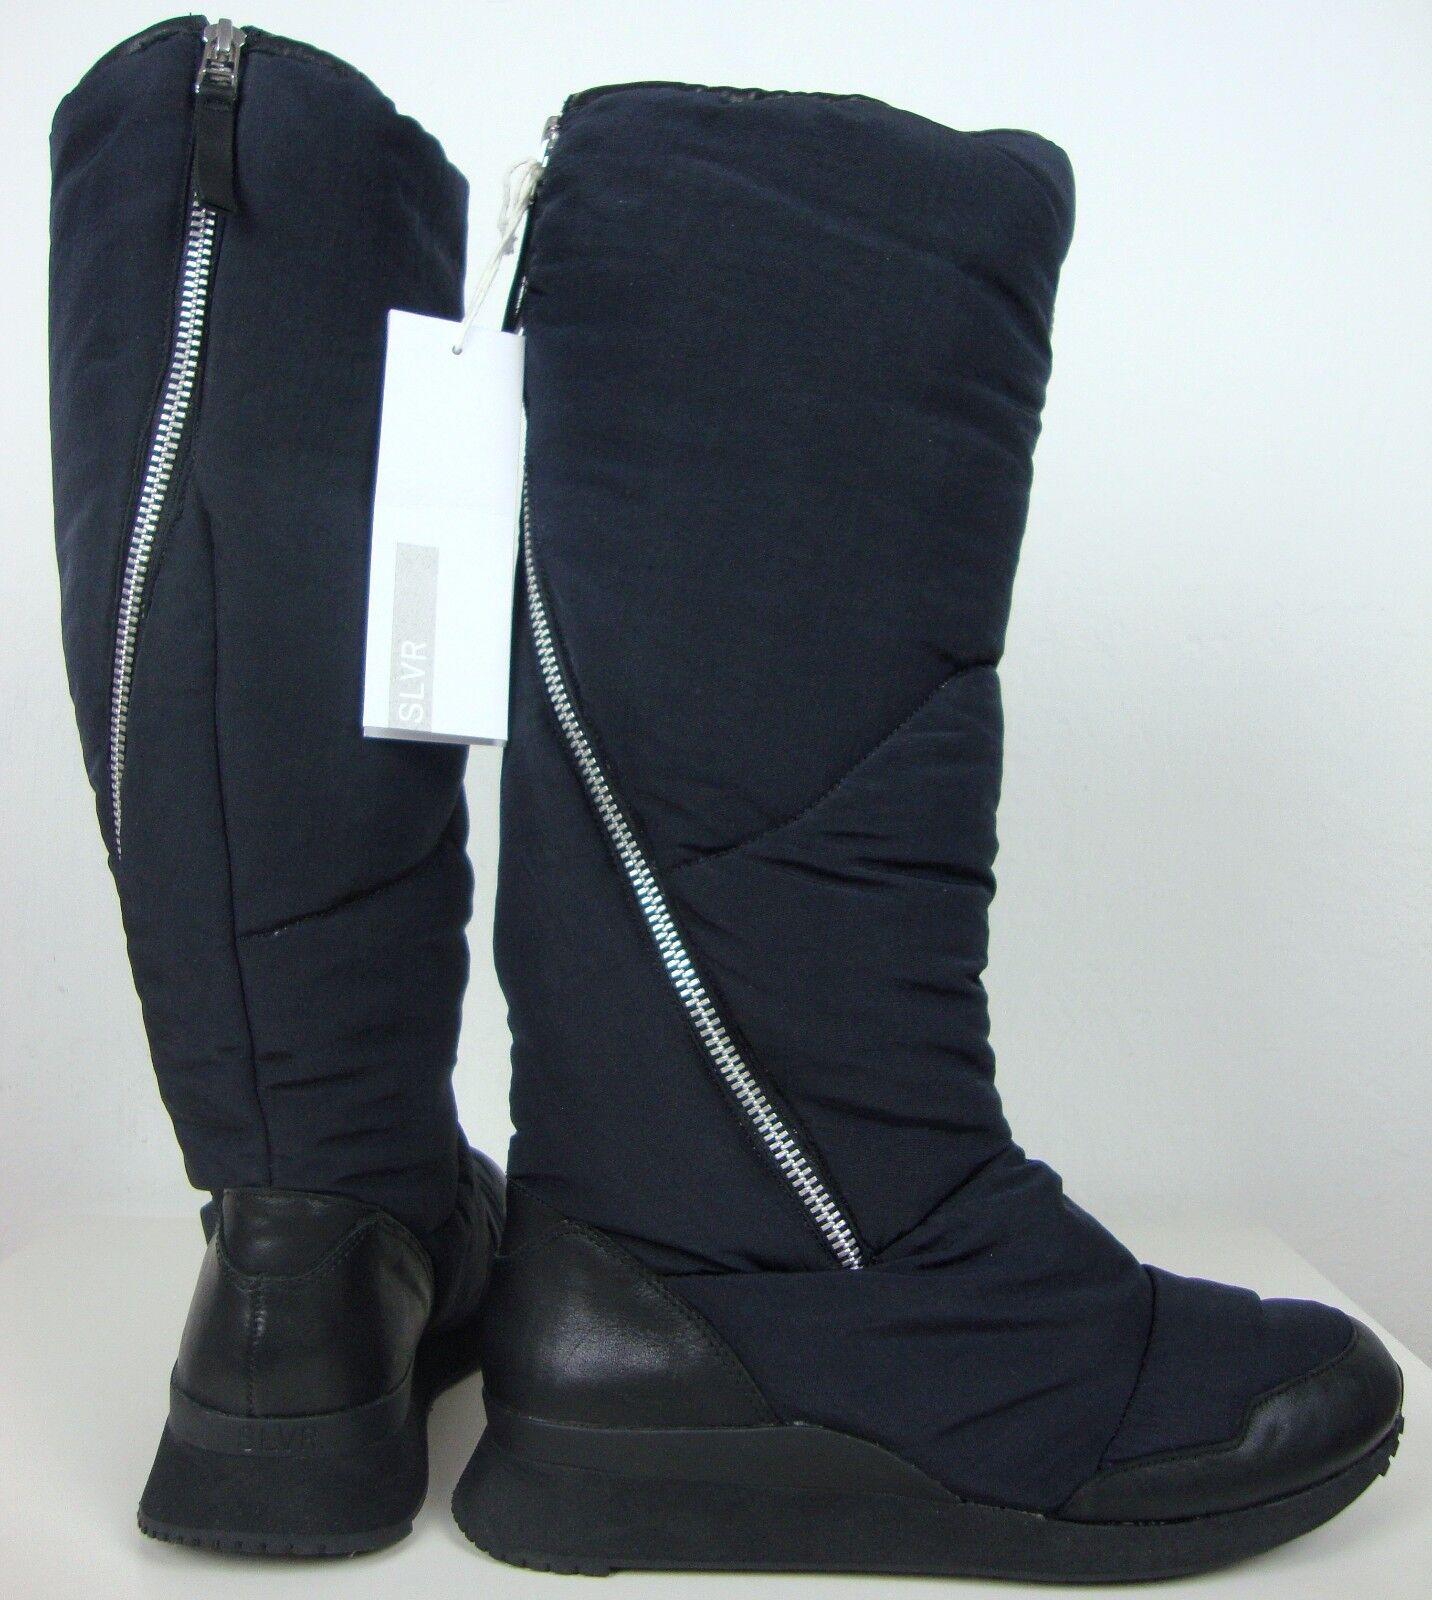 Adidas Silver zansar Flat señora botas caña botas negro Gr. 38,5 nuevo